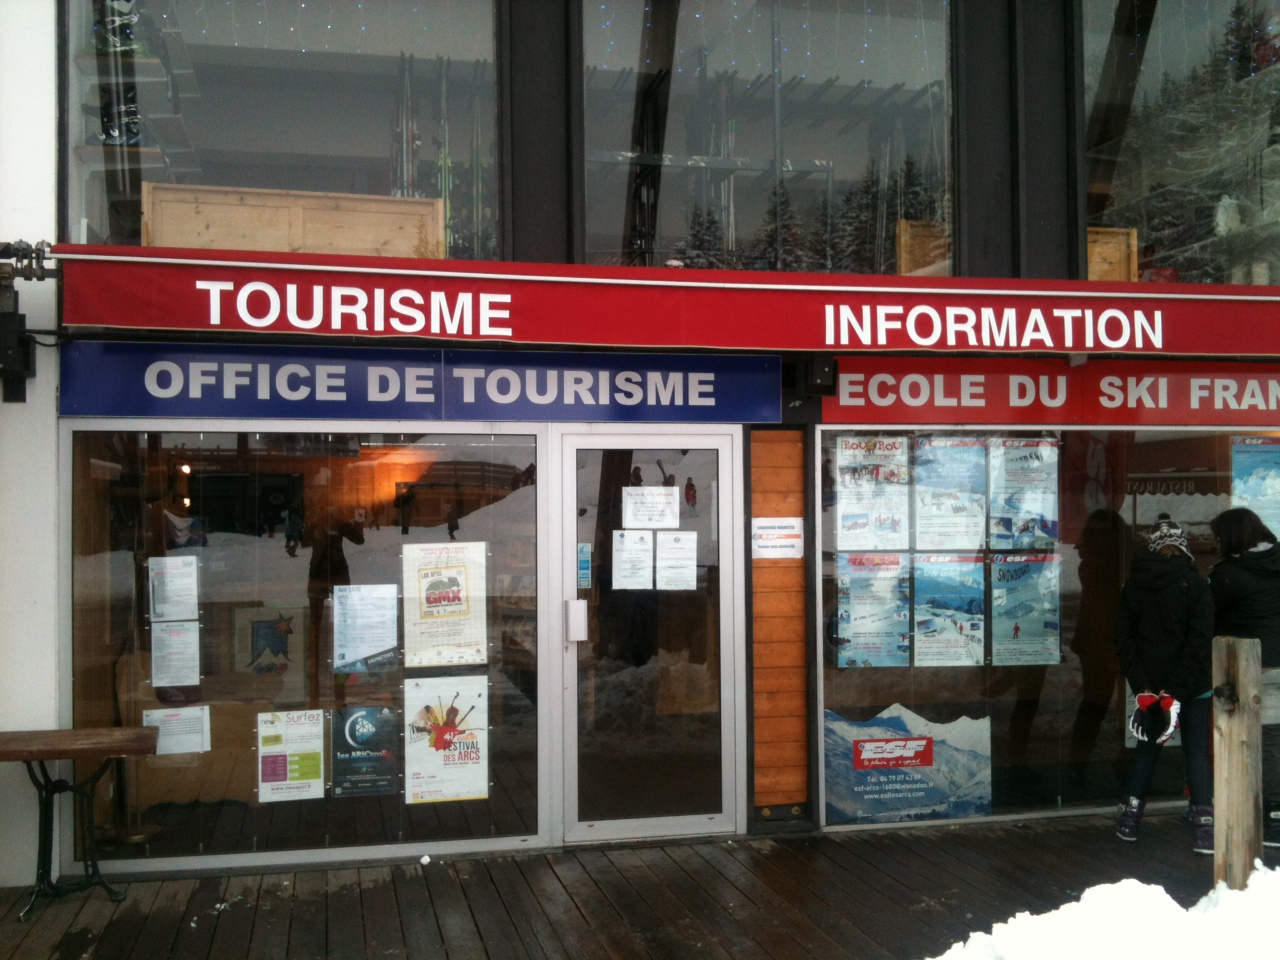 Office de tourisme d 39 arc 1600 savoie mont blanc savoie - Office du tourisme bourg saint maurice ...